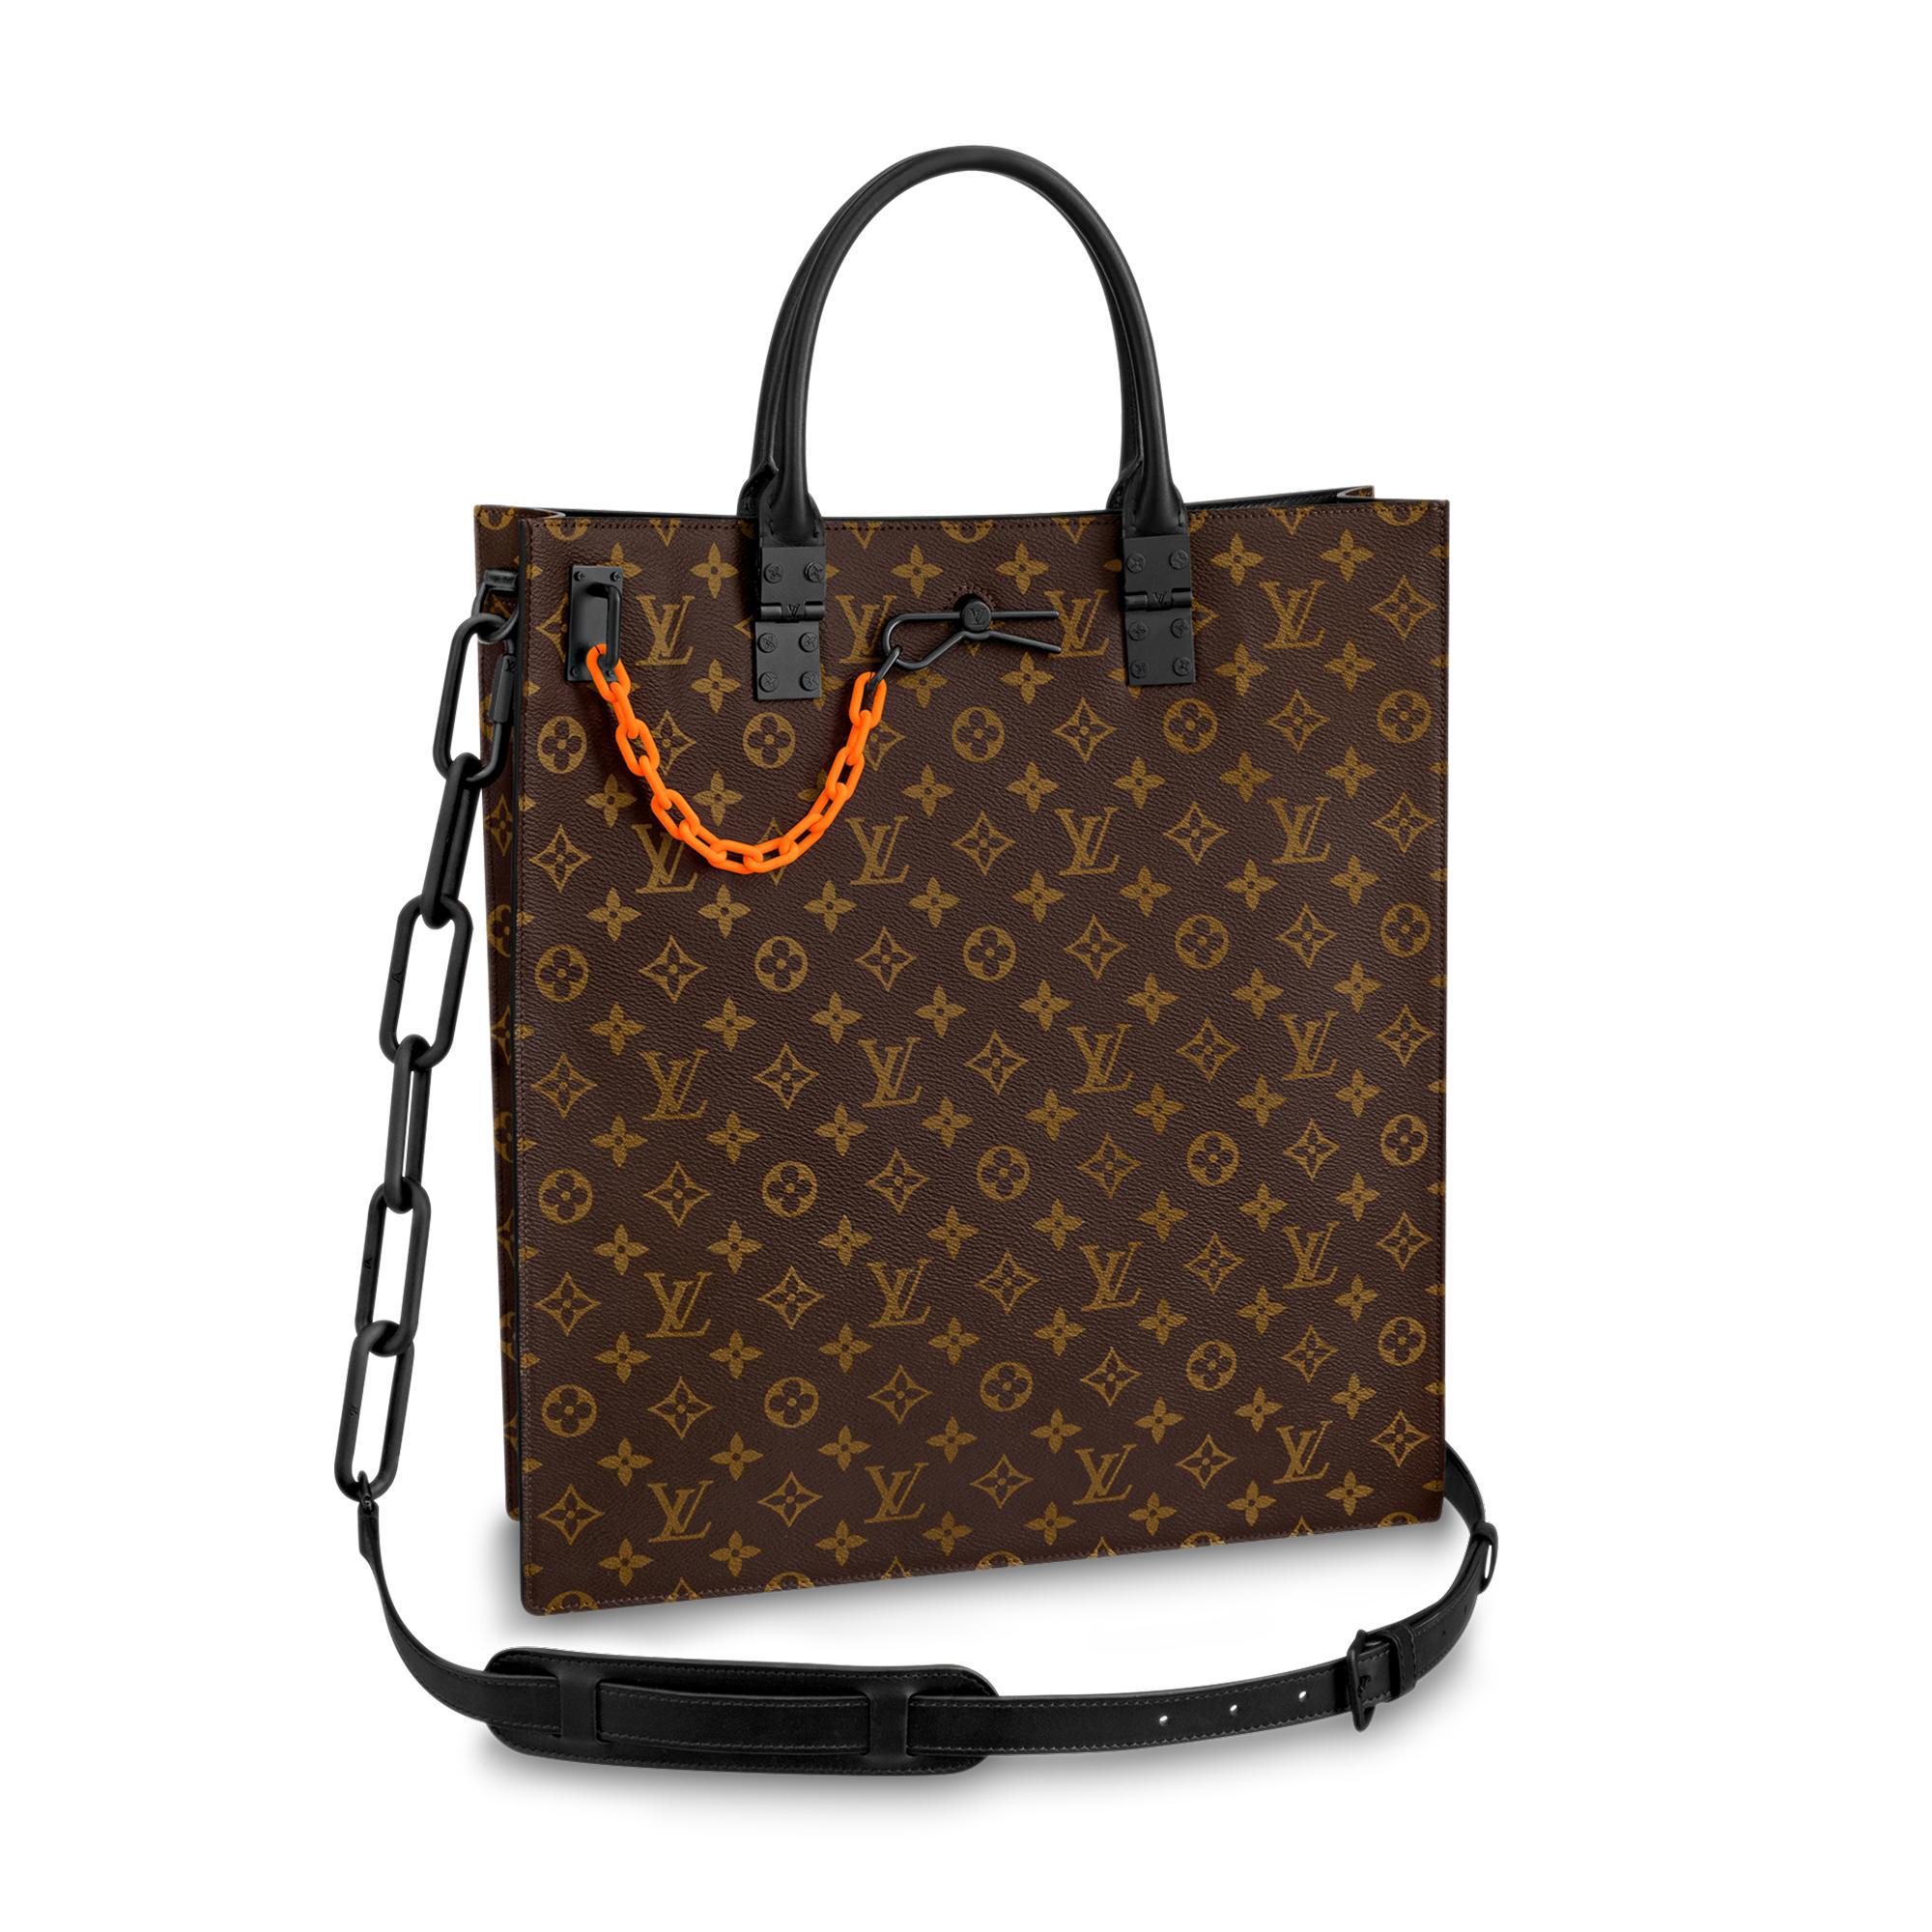 7a469c26ad Louis Vuitton Bags for Men | ModeSens